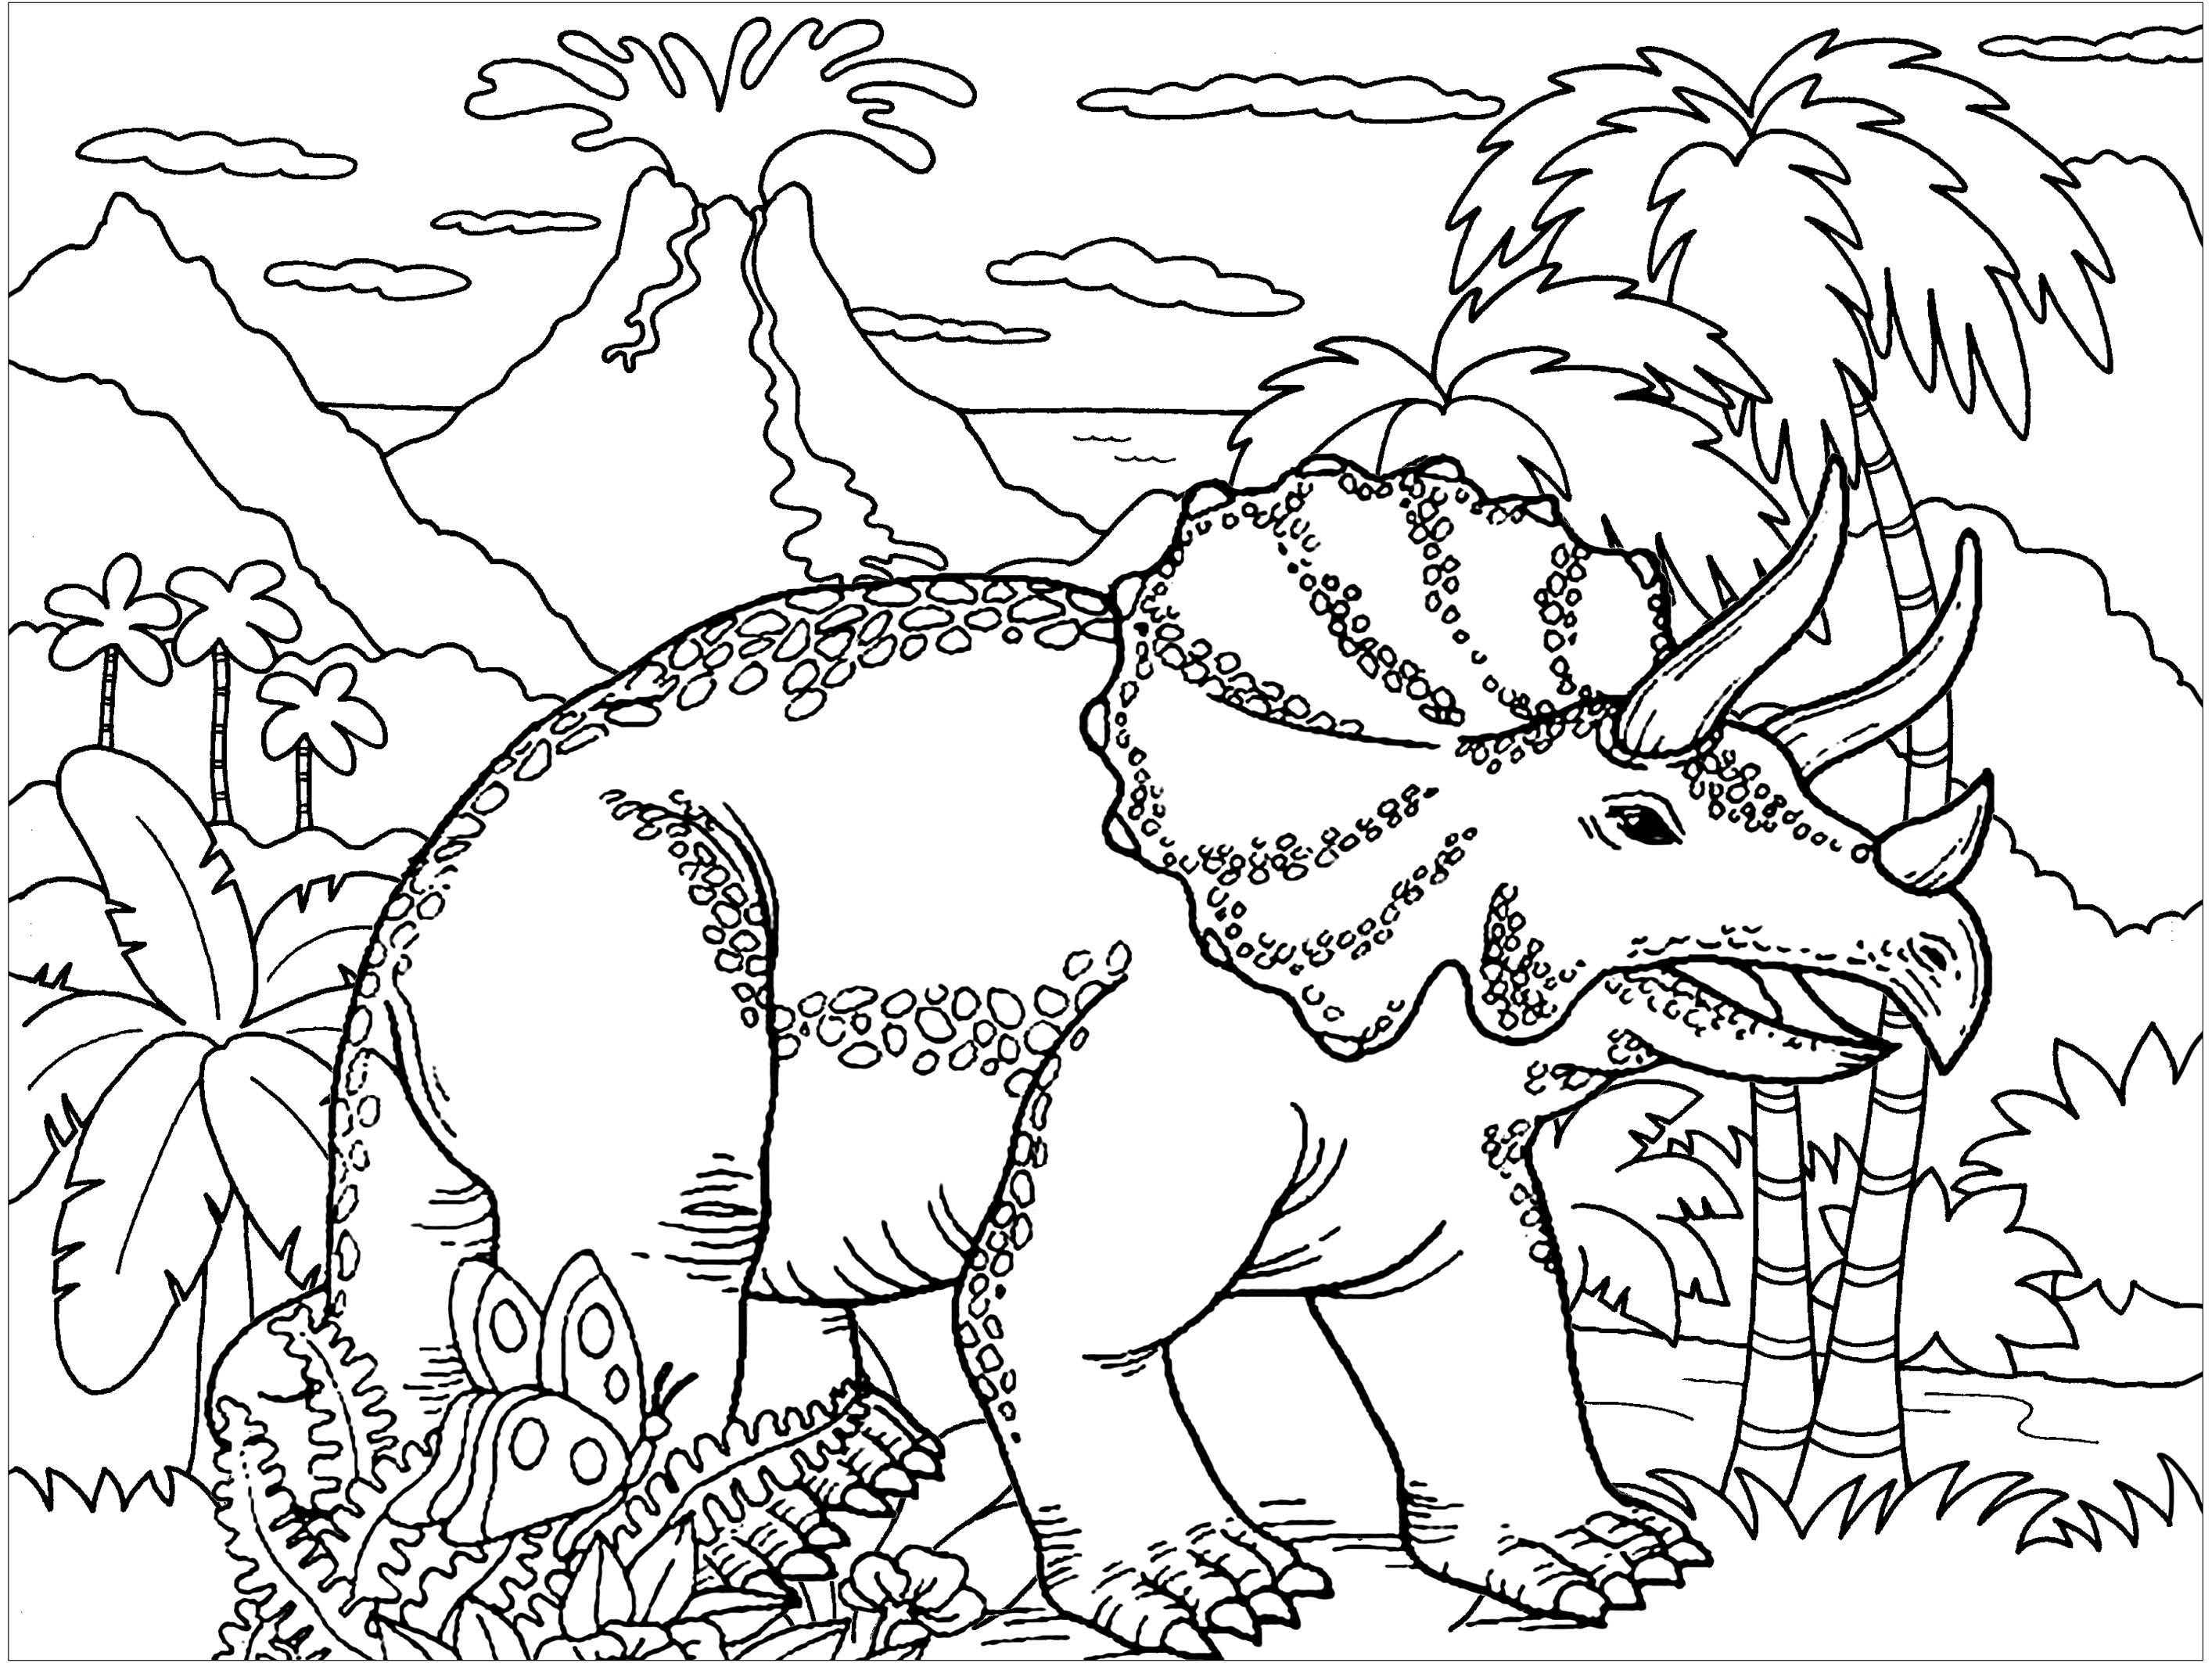 Voici le Tricératops, un dinosaure herbivore très impressionnant